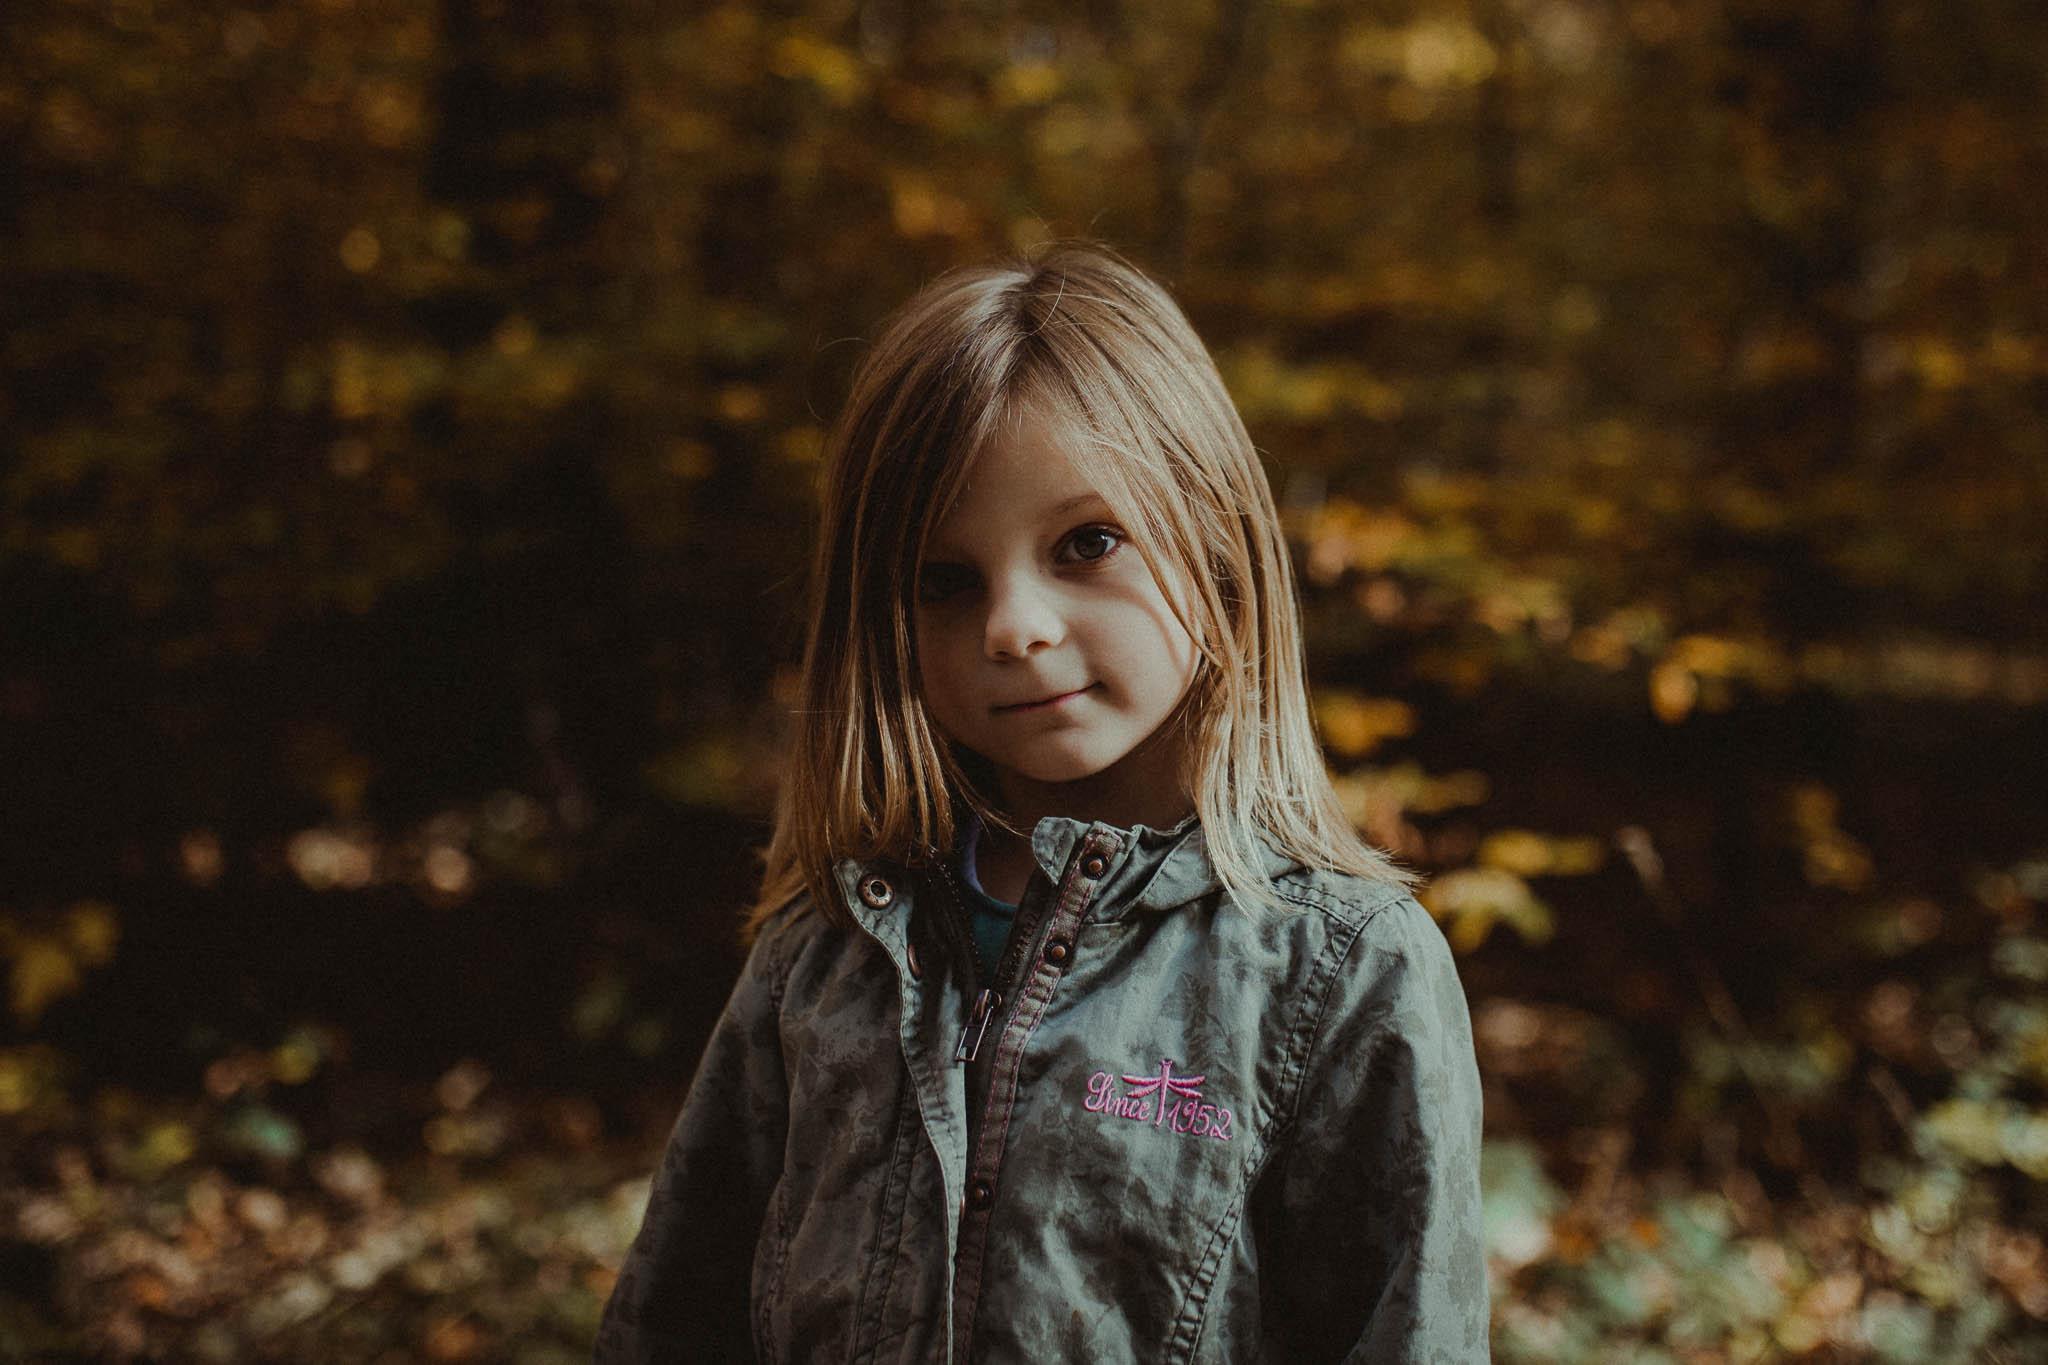 kleines Mädchen im Wald - Herbstspaziergang